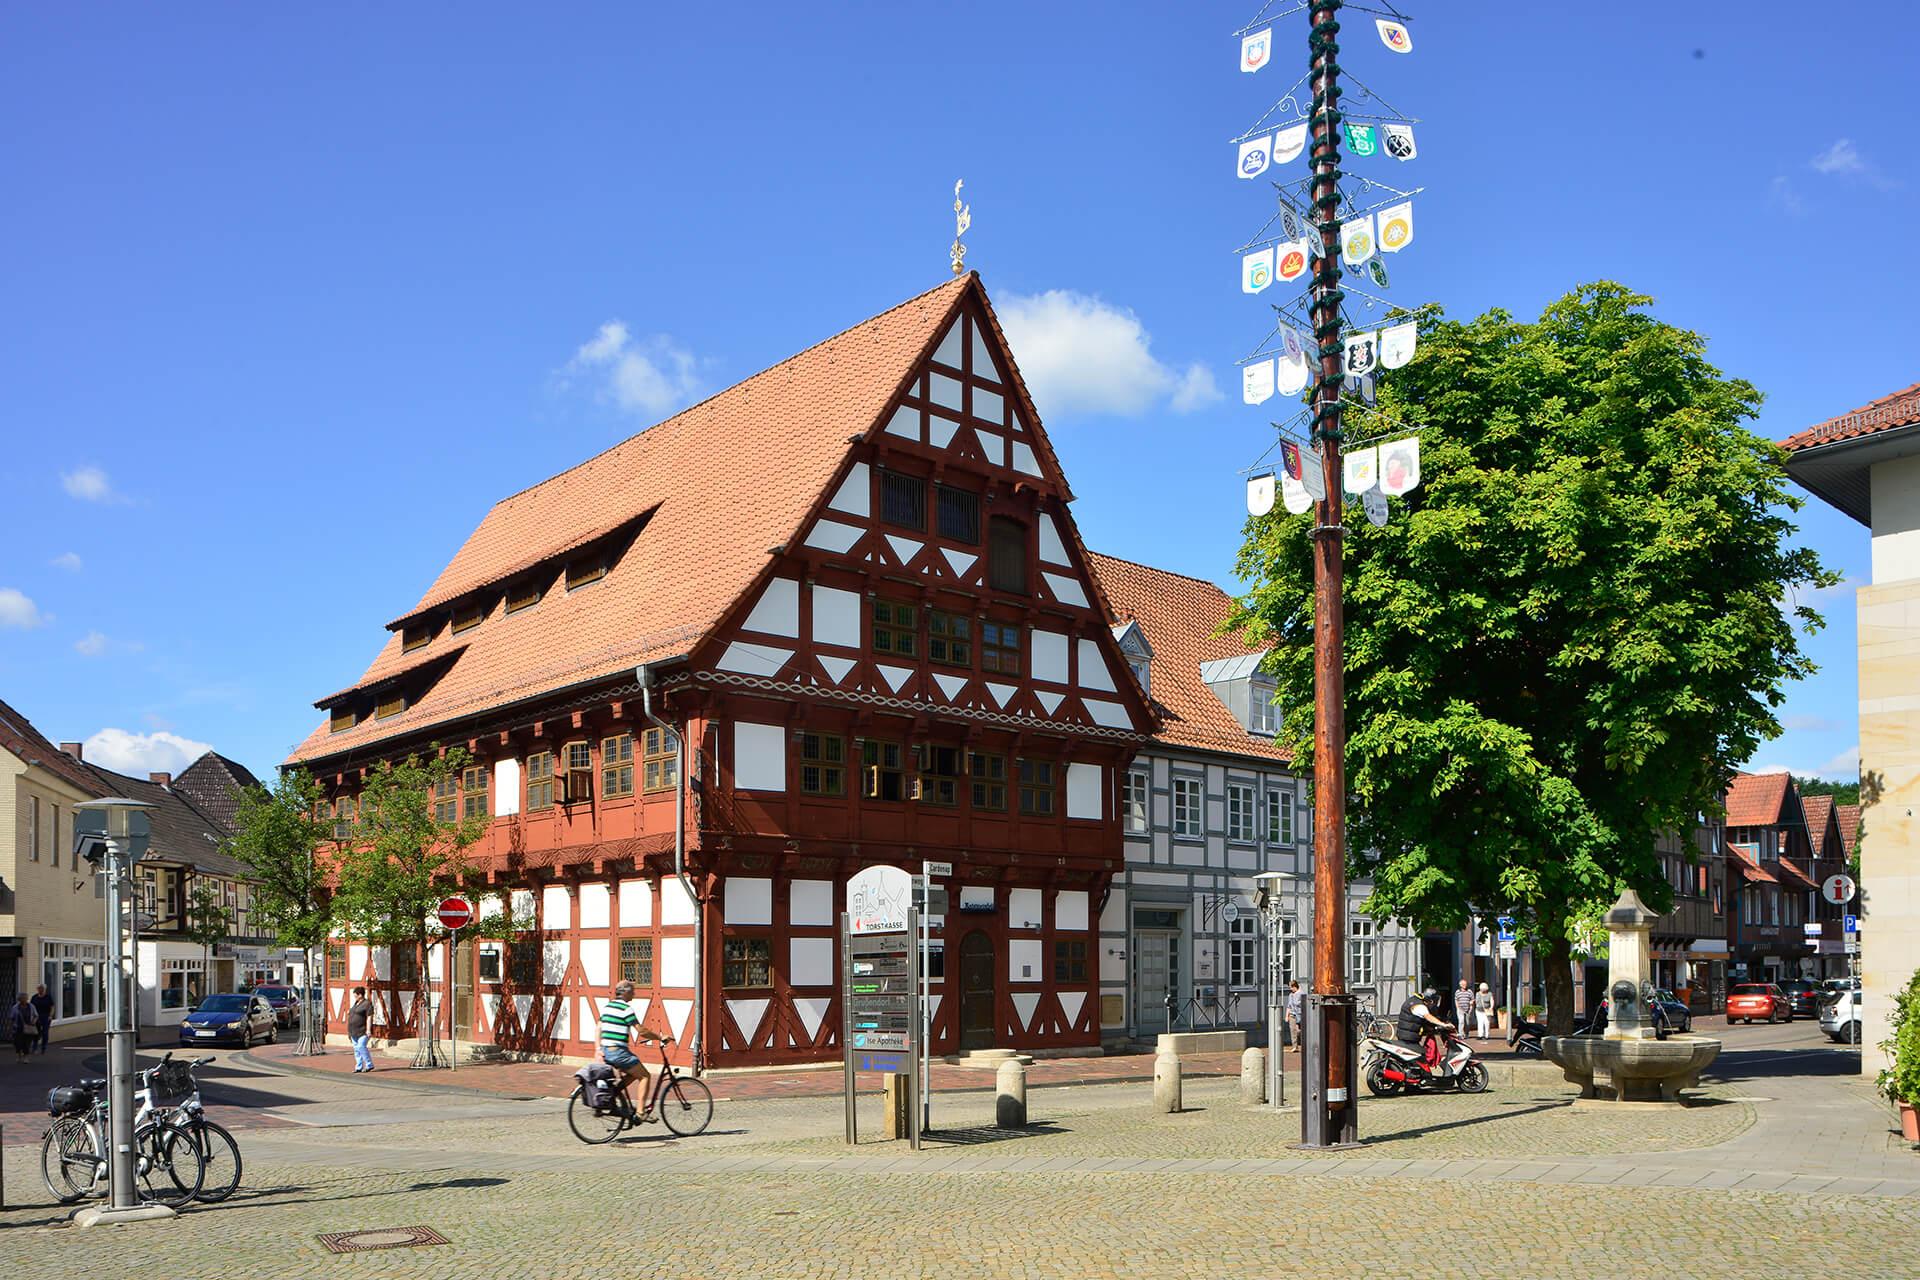 Altes Gifhorner Rathaus in der Innenstadt